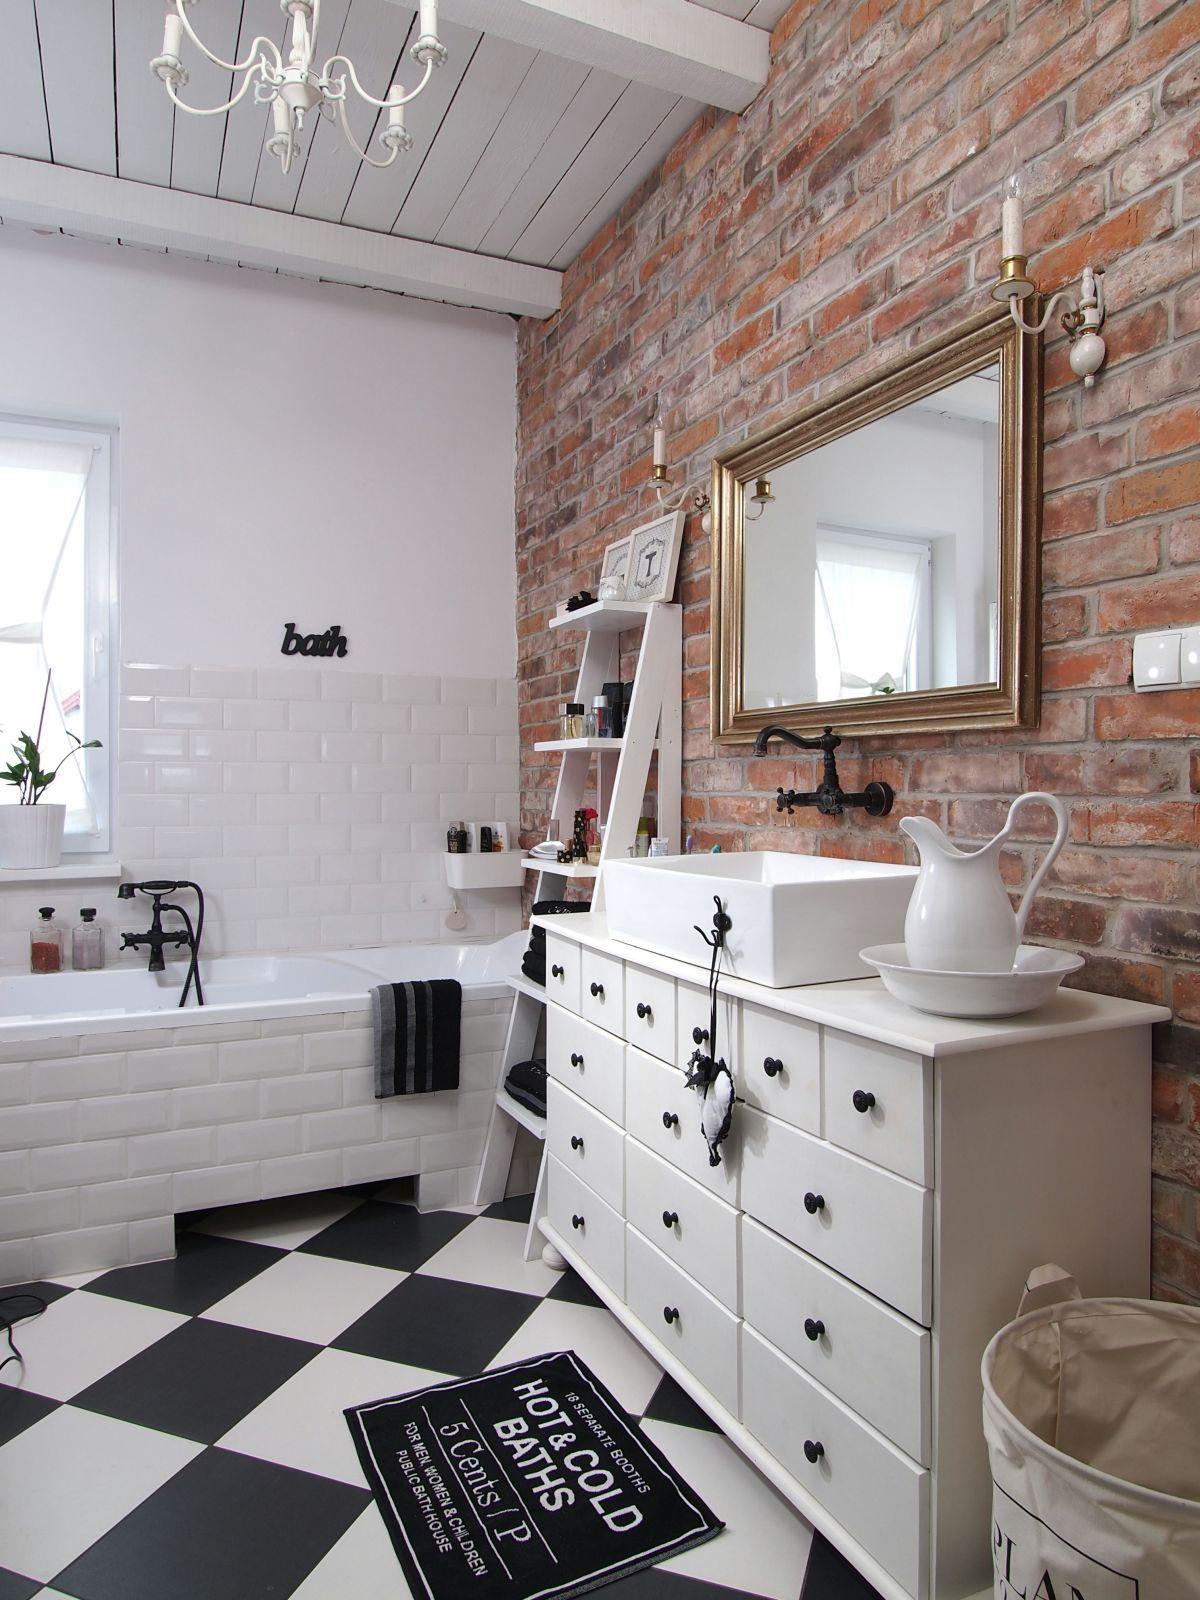 łazienka Została Urządzona W Eklektycznym Stylu łączącym